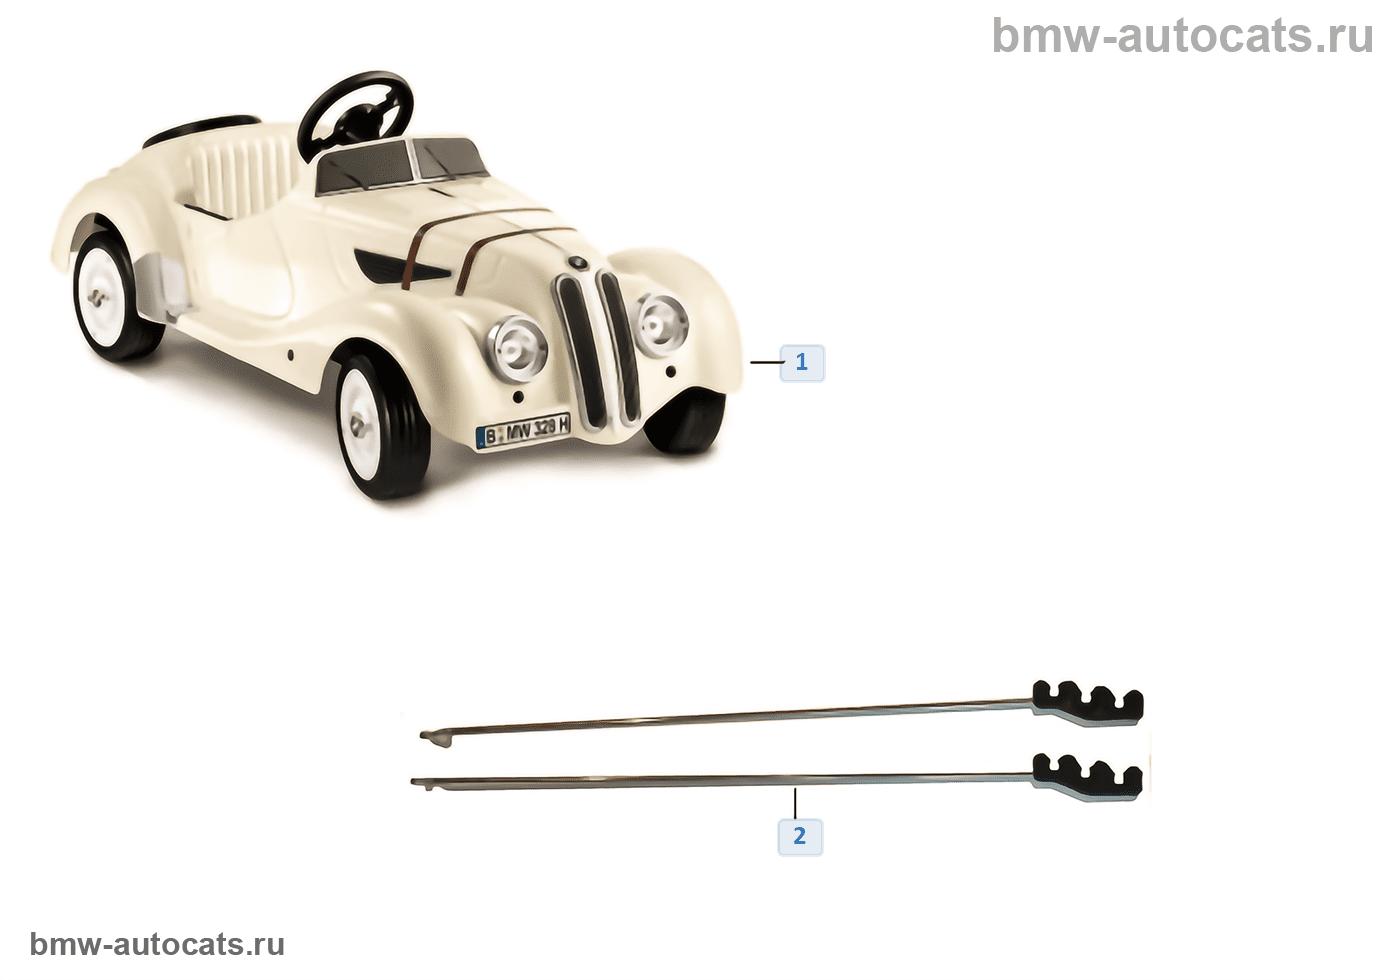 BMW Ersatzteile — 328 Roadster Tretauto